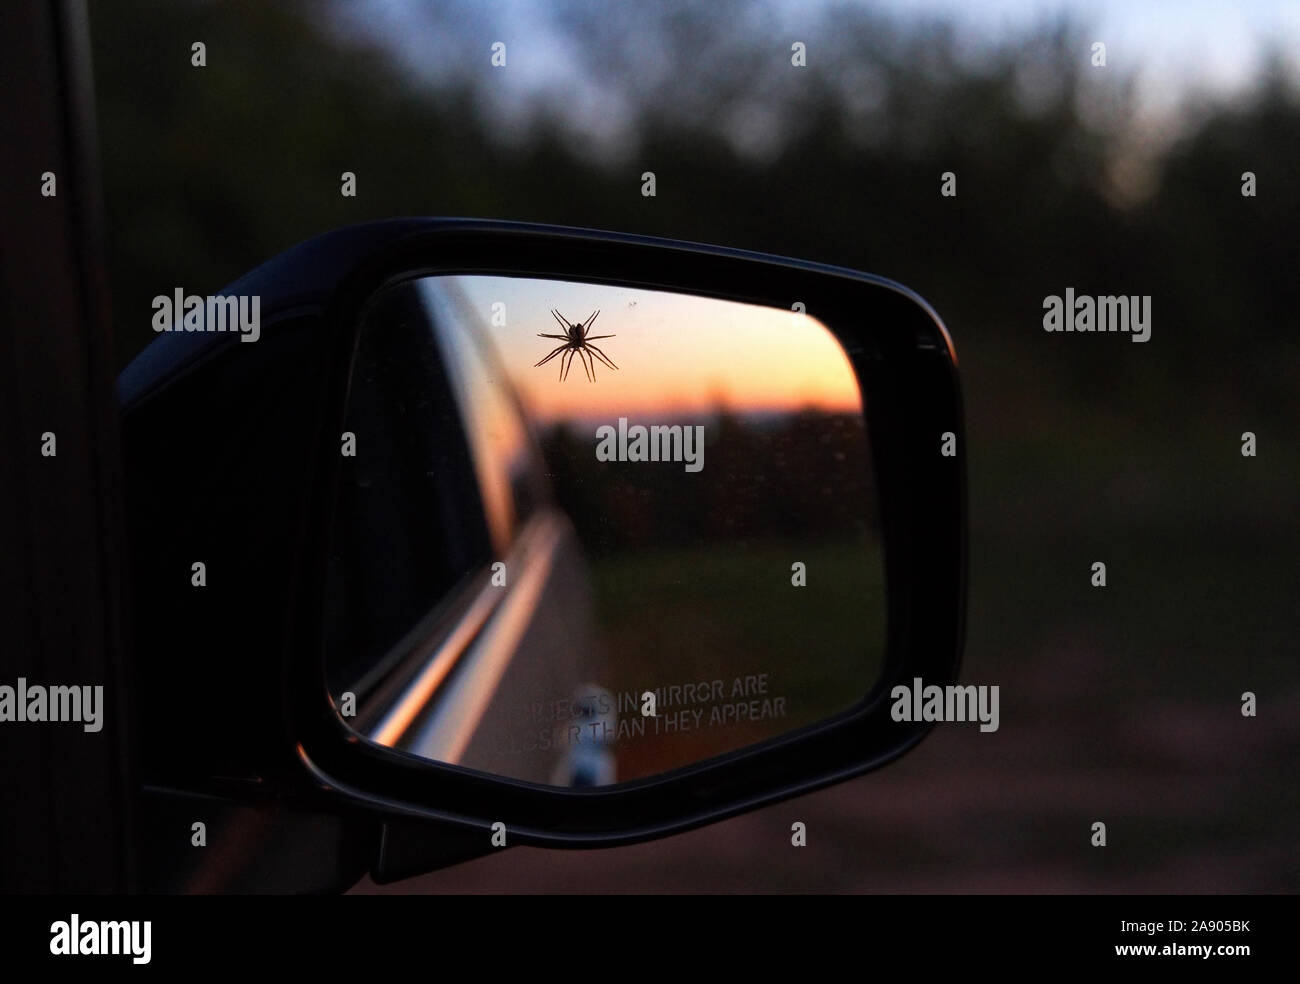 Perdido araña colgando por un espejo lateral de autos. Por suerte, la advertencia sobre el espejo de cómo los objetos están más cerca de lo que aparentan no debería tener credibilidad. Foto de stock